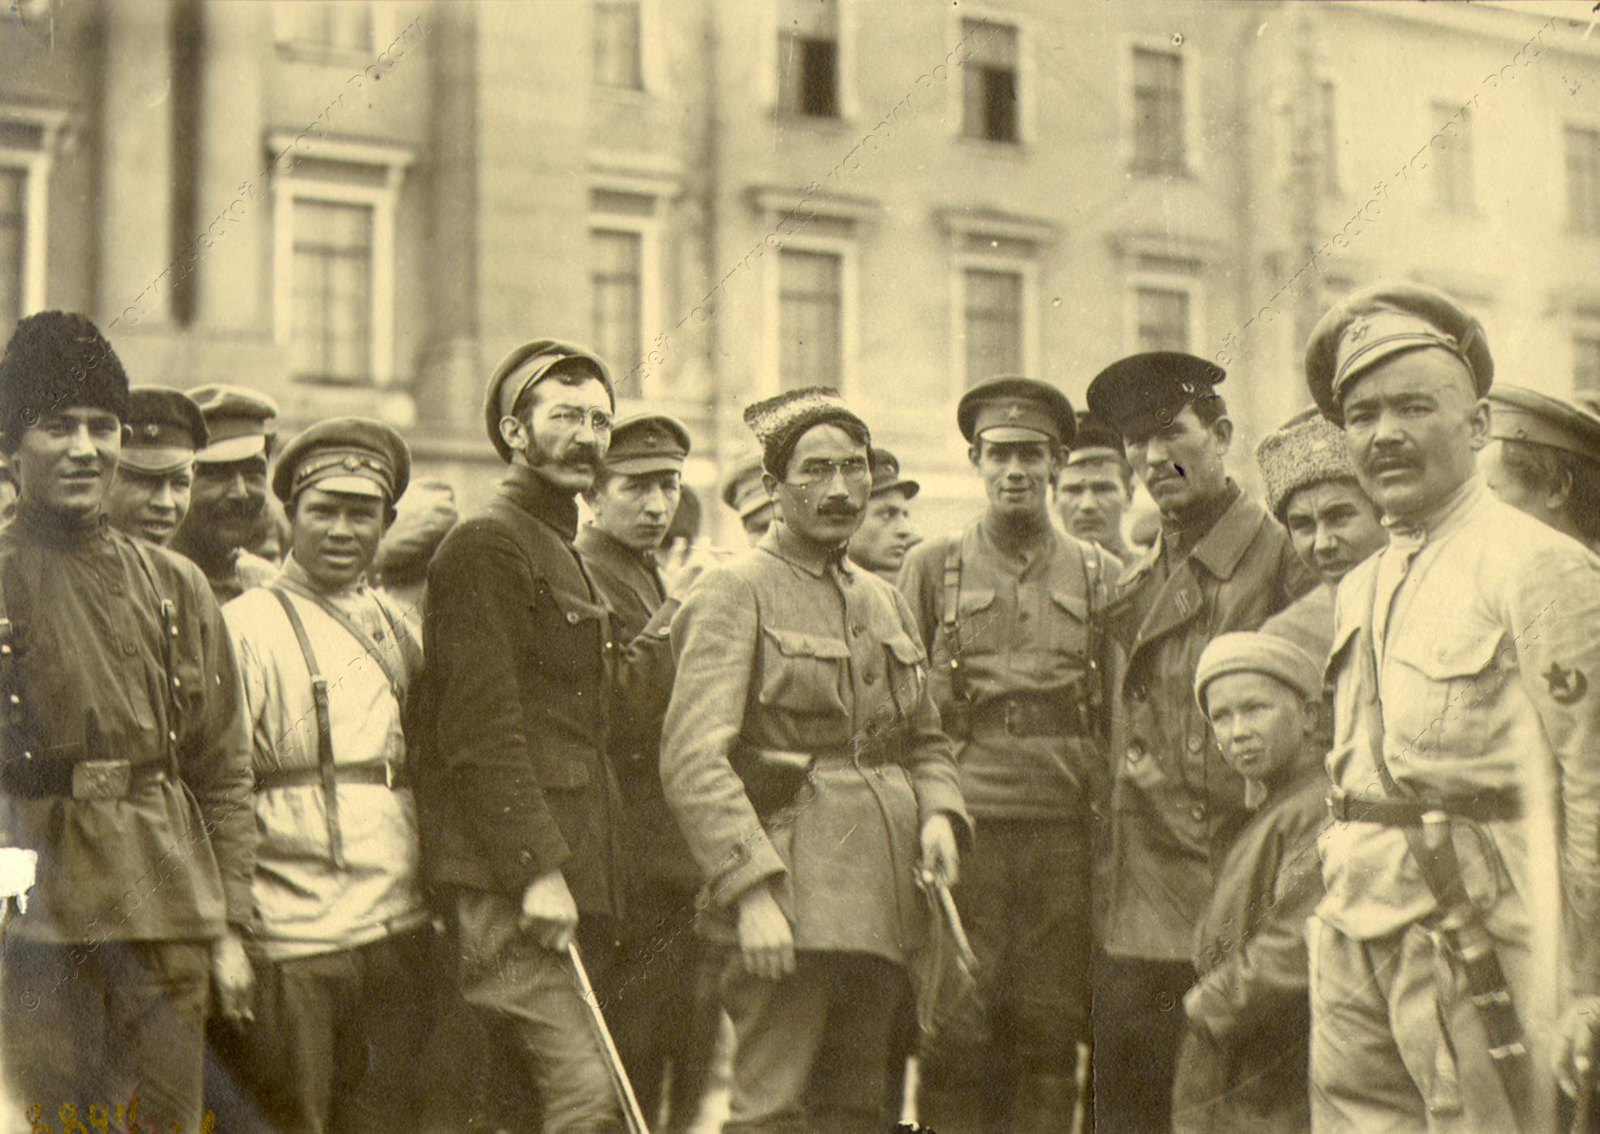 1919. Группа бойцов 3-го кавалерийского полка Башкирской дивизии во главе с Таировым и Ахтовым